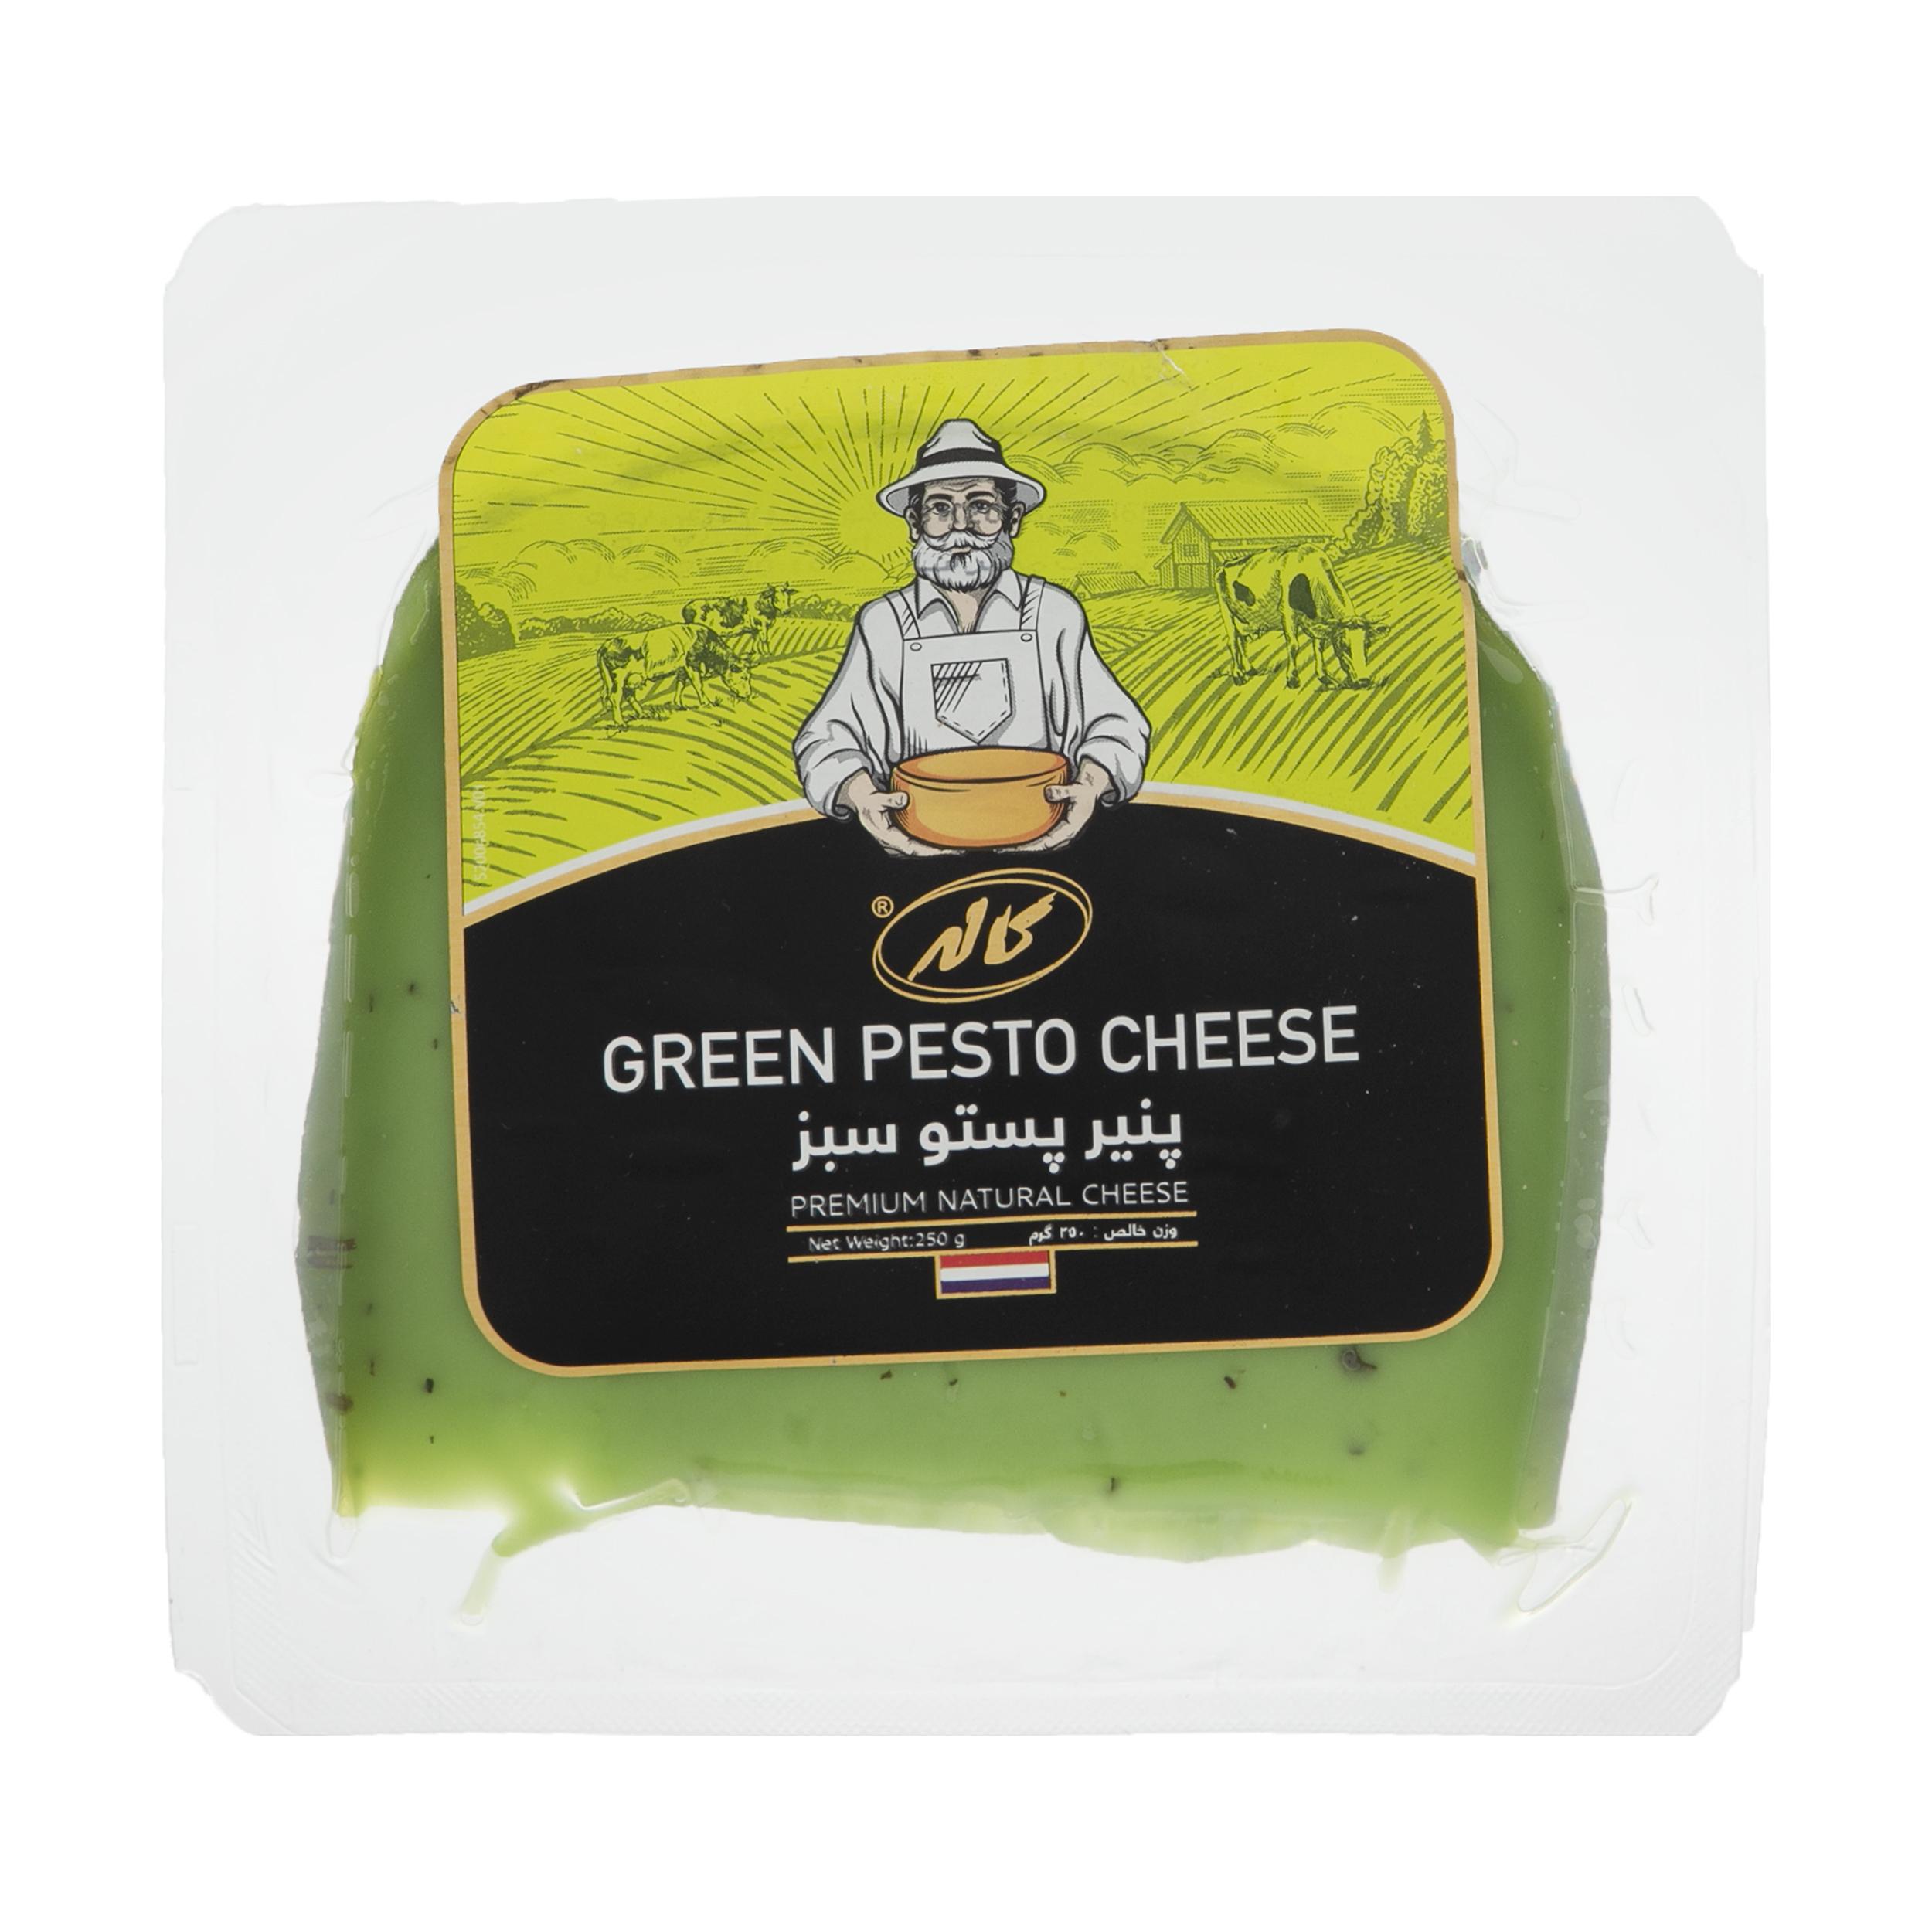 پنیر گودا پستو سبز کاله مقدار 250 گرم